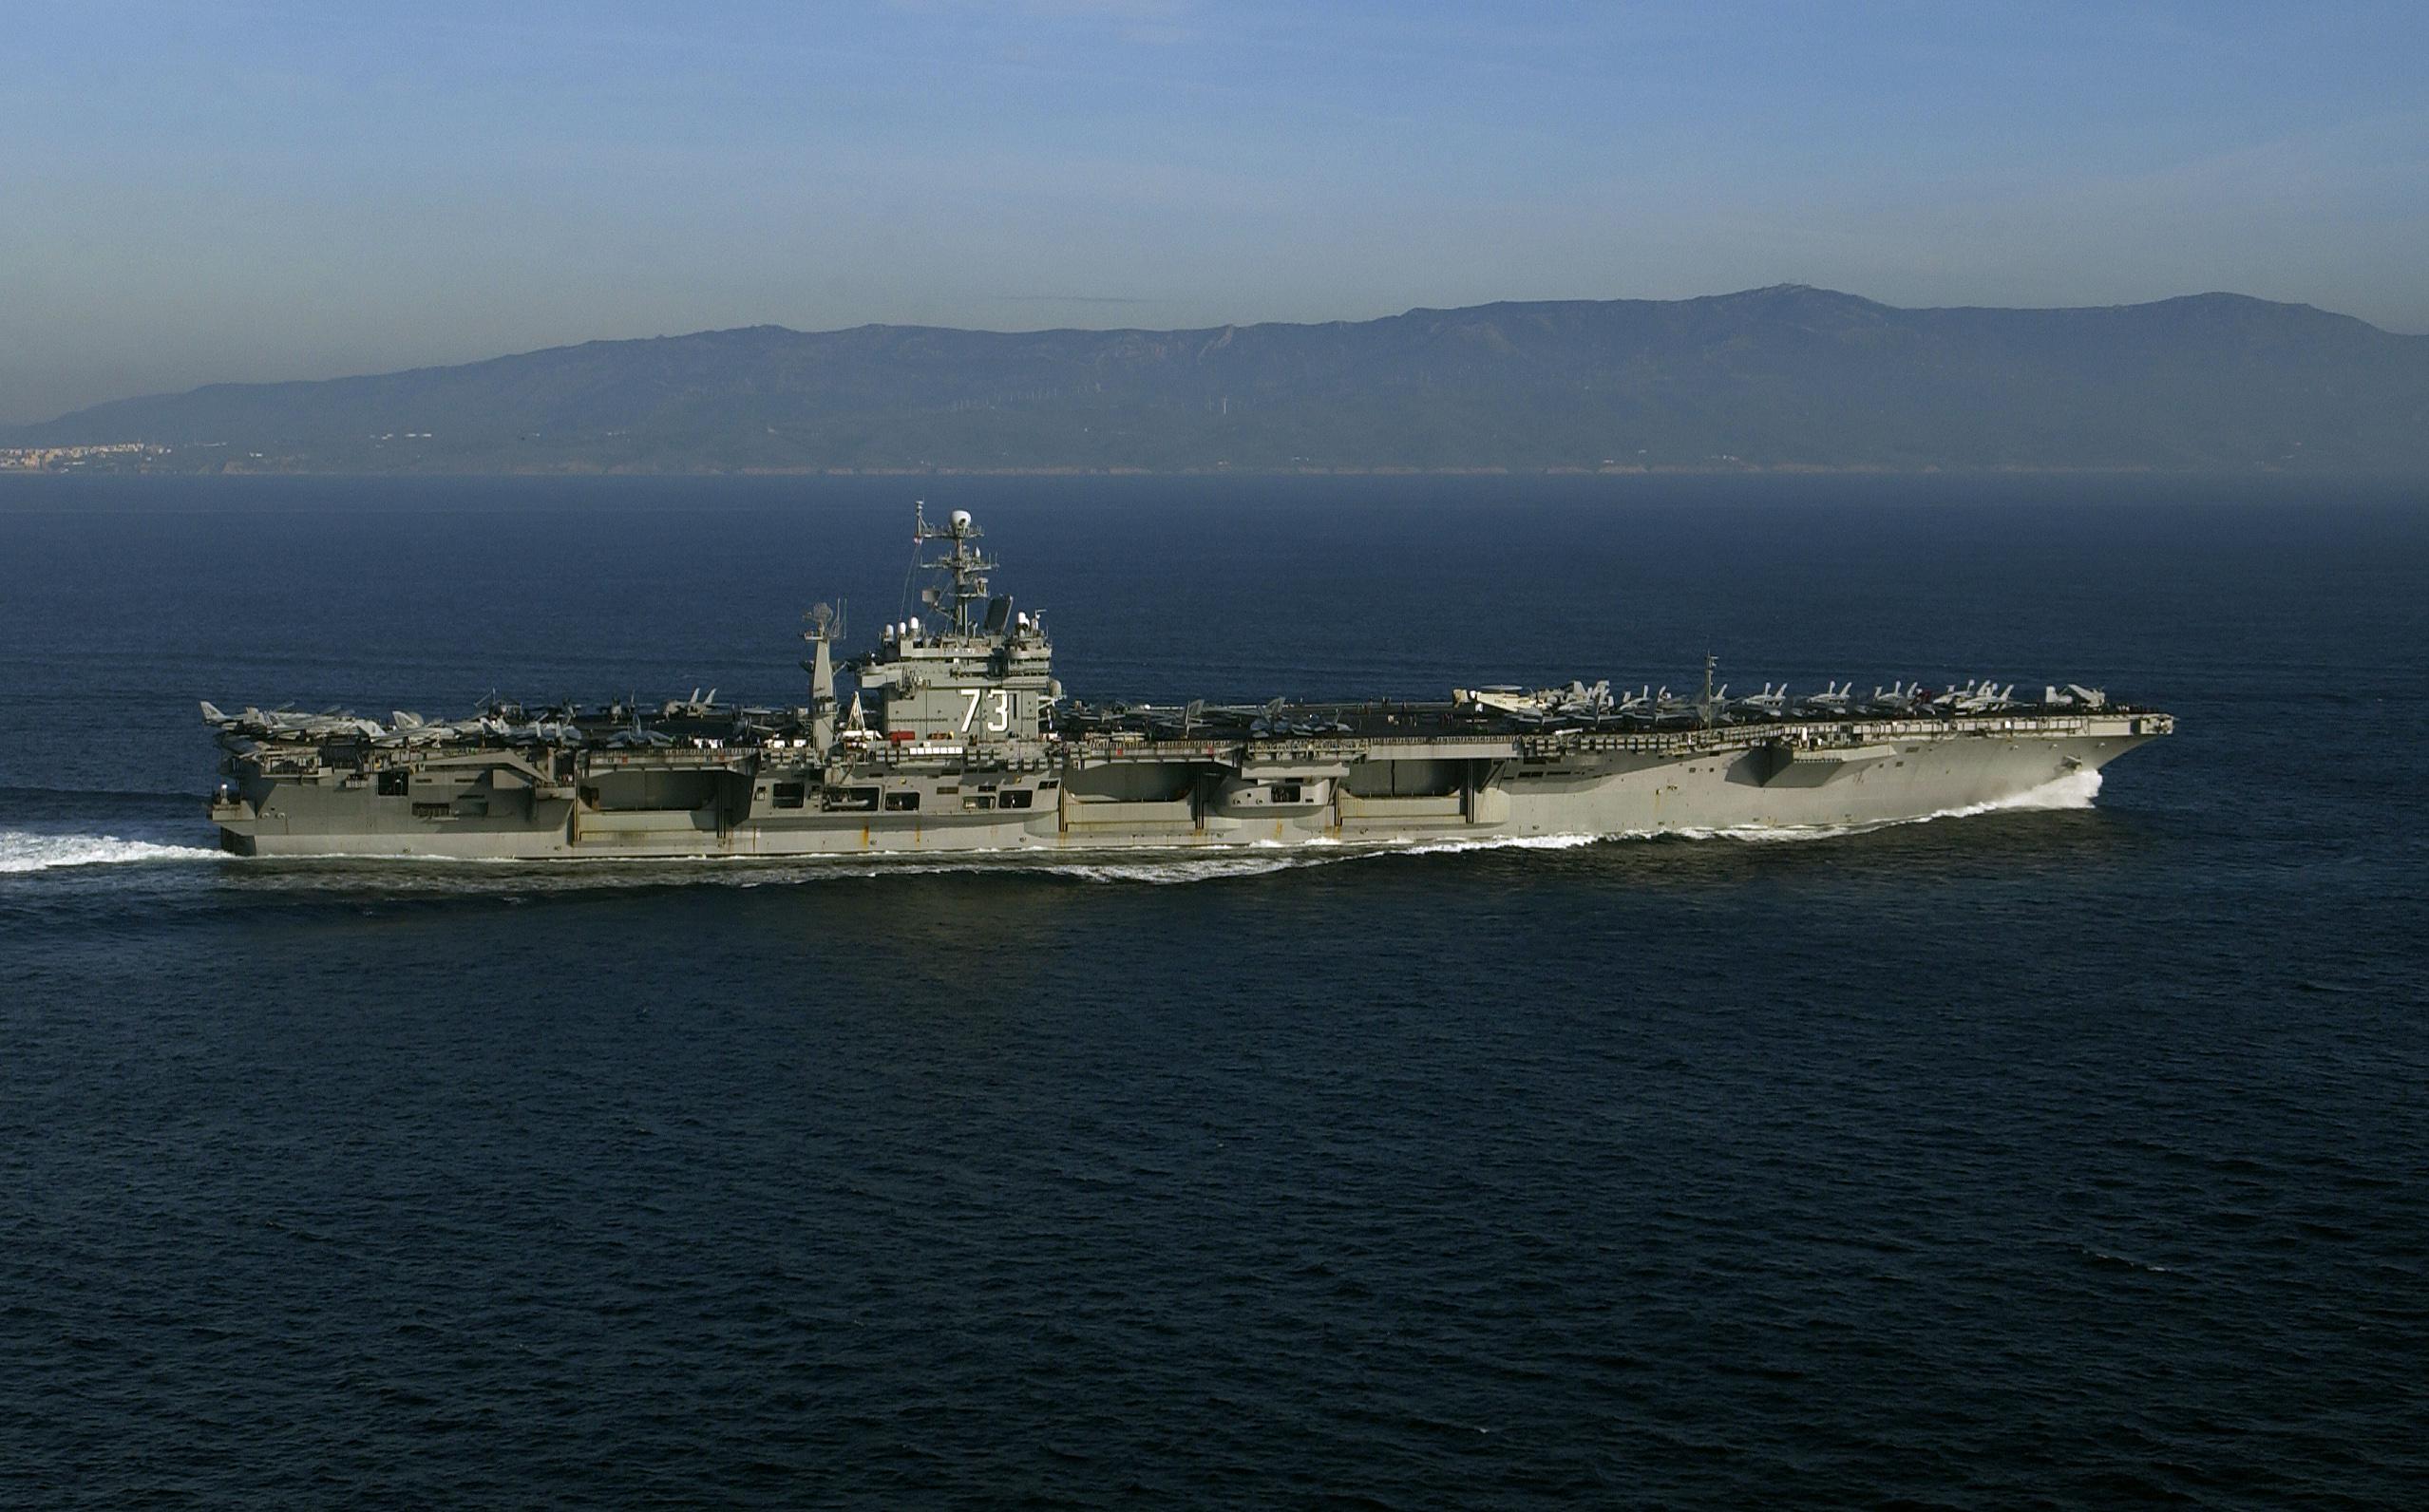 The nuclear powered aircraft carrier uss george washington cvn 73